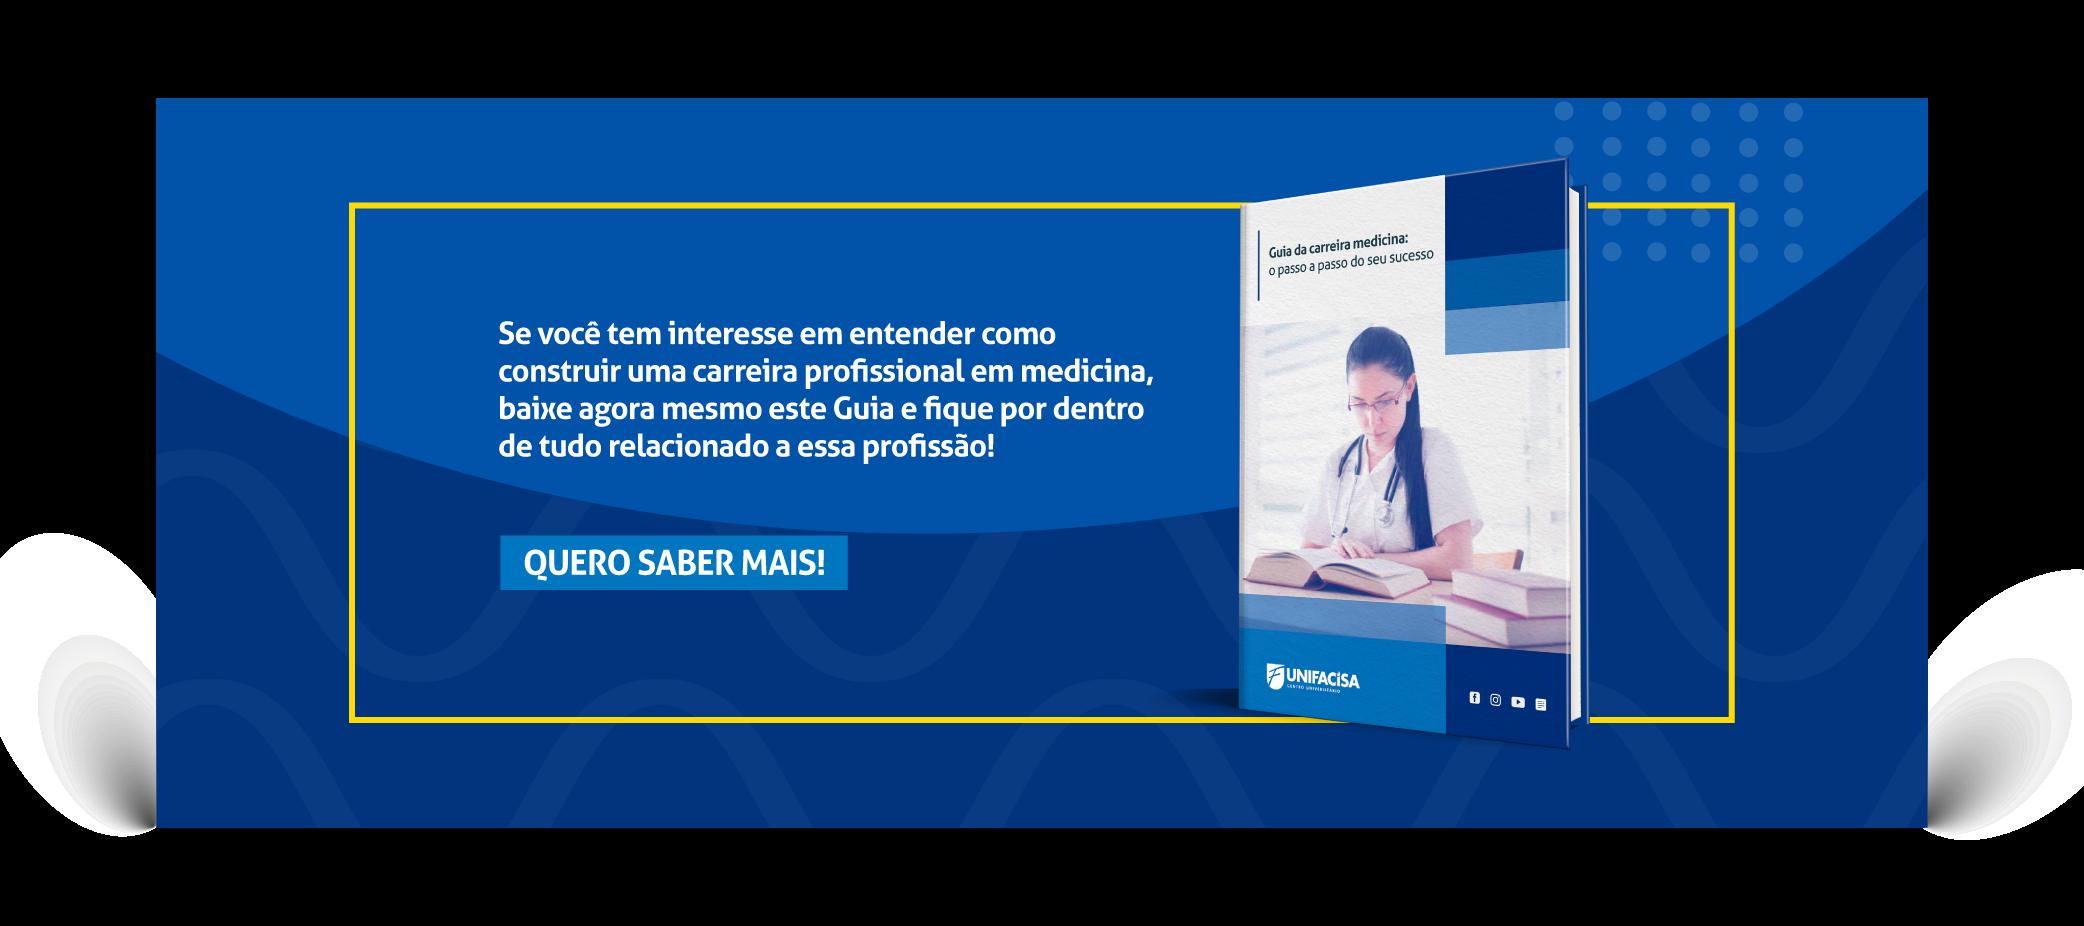 Guia da carreira medicina o passo a passo do seu sucesso